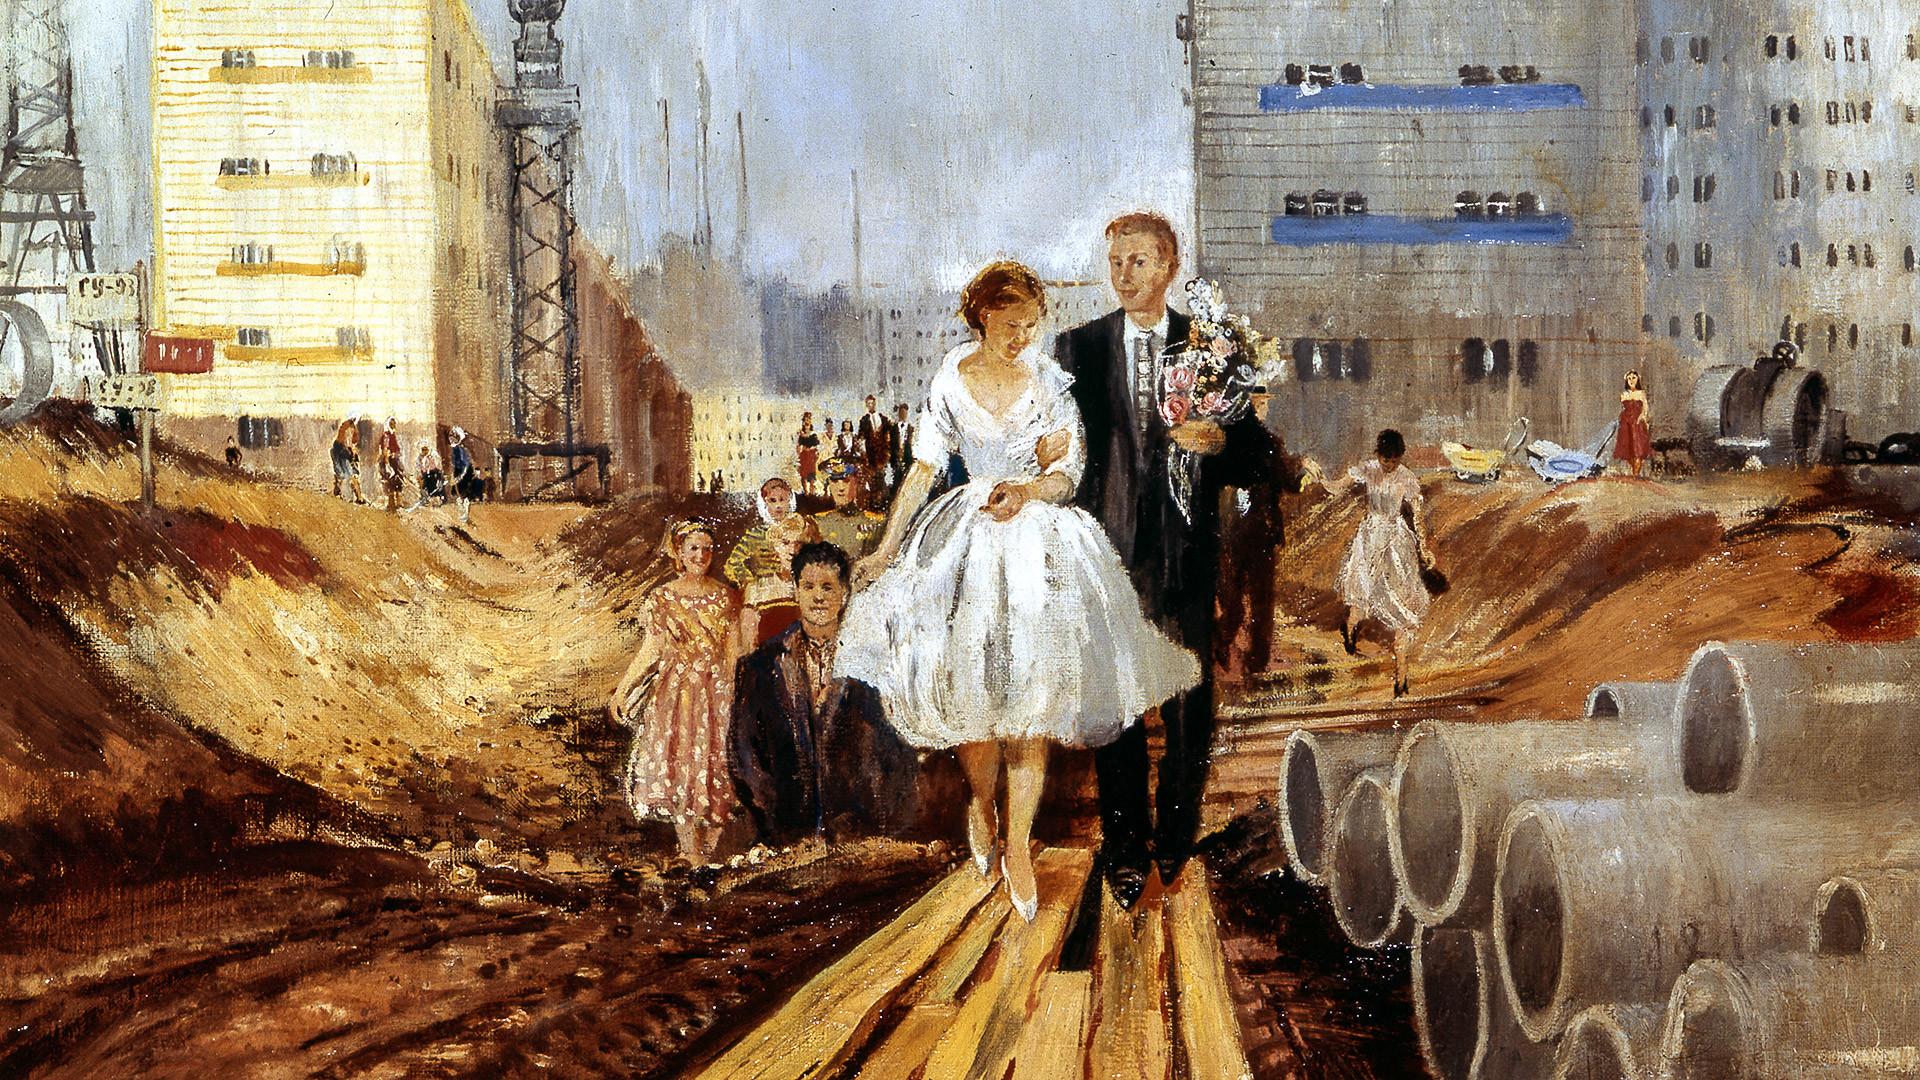 Un mariage sur la rue demain par Iouri Pimenov, 1962